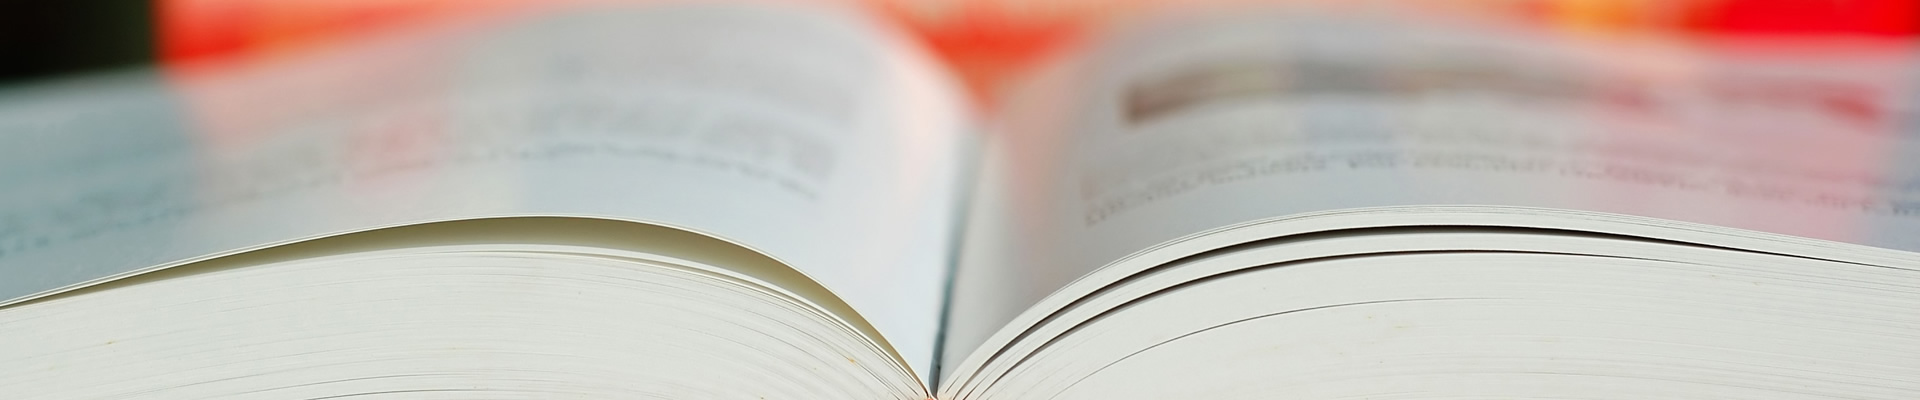 Publicaciones realizadas por tiThink libro en blanco